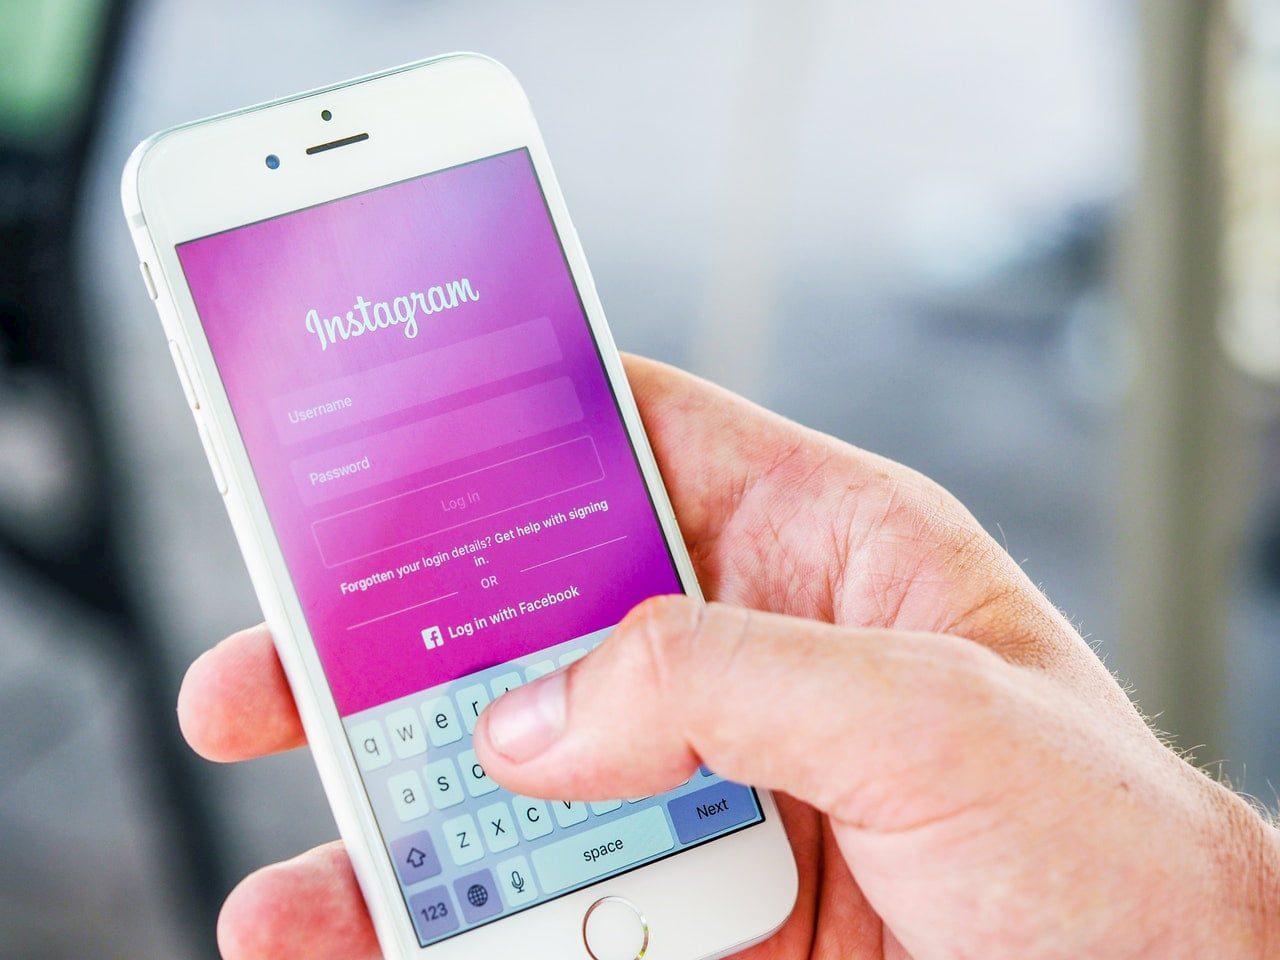 Protótipo do Instagram oculta gostos para melhor foco no conteúdo